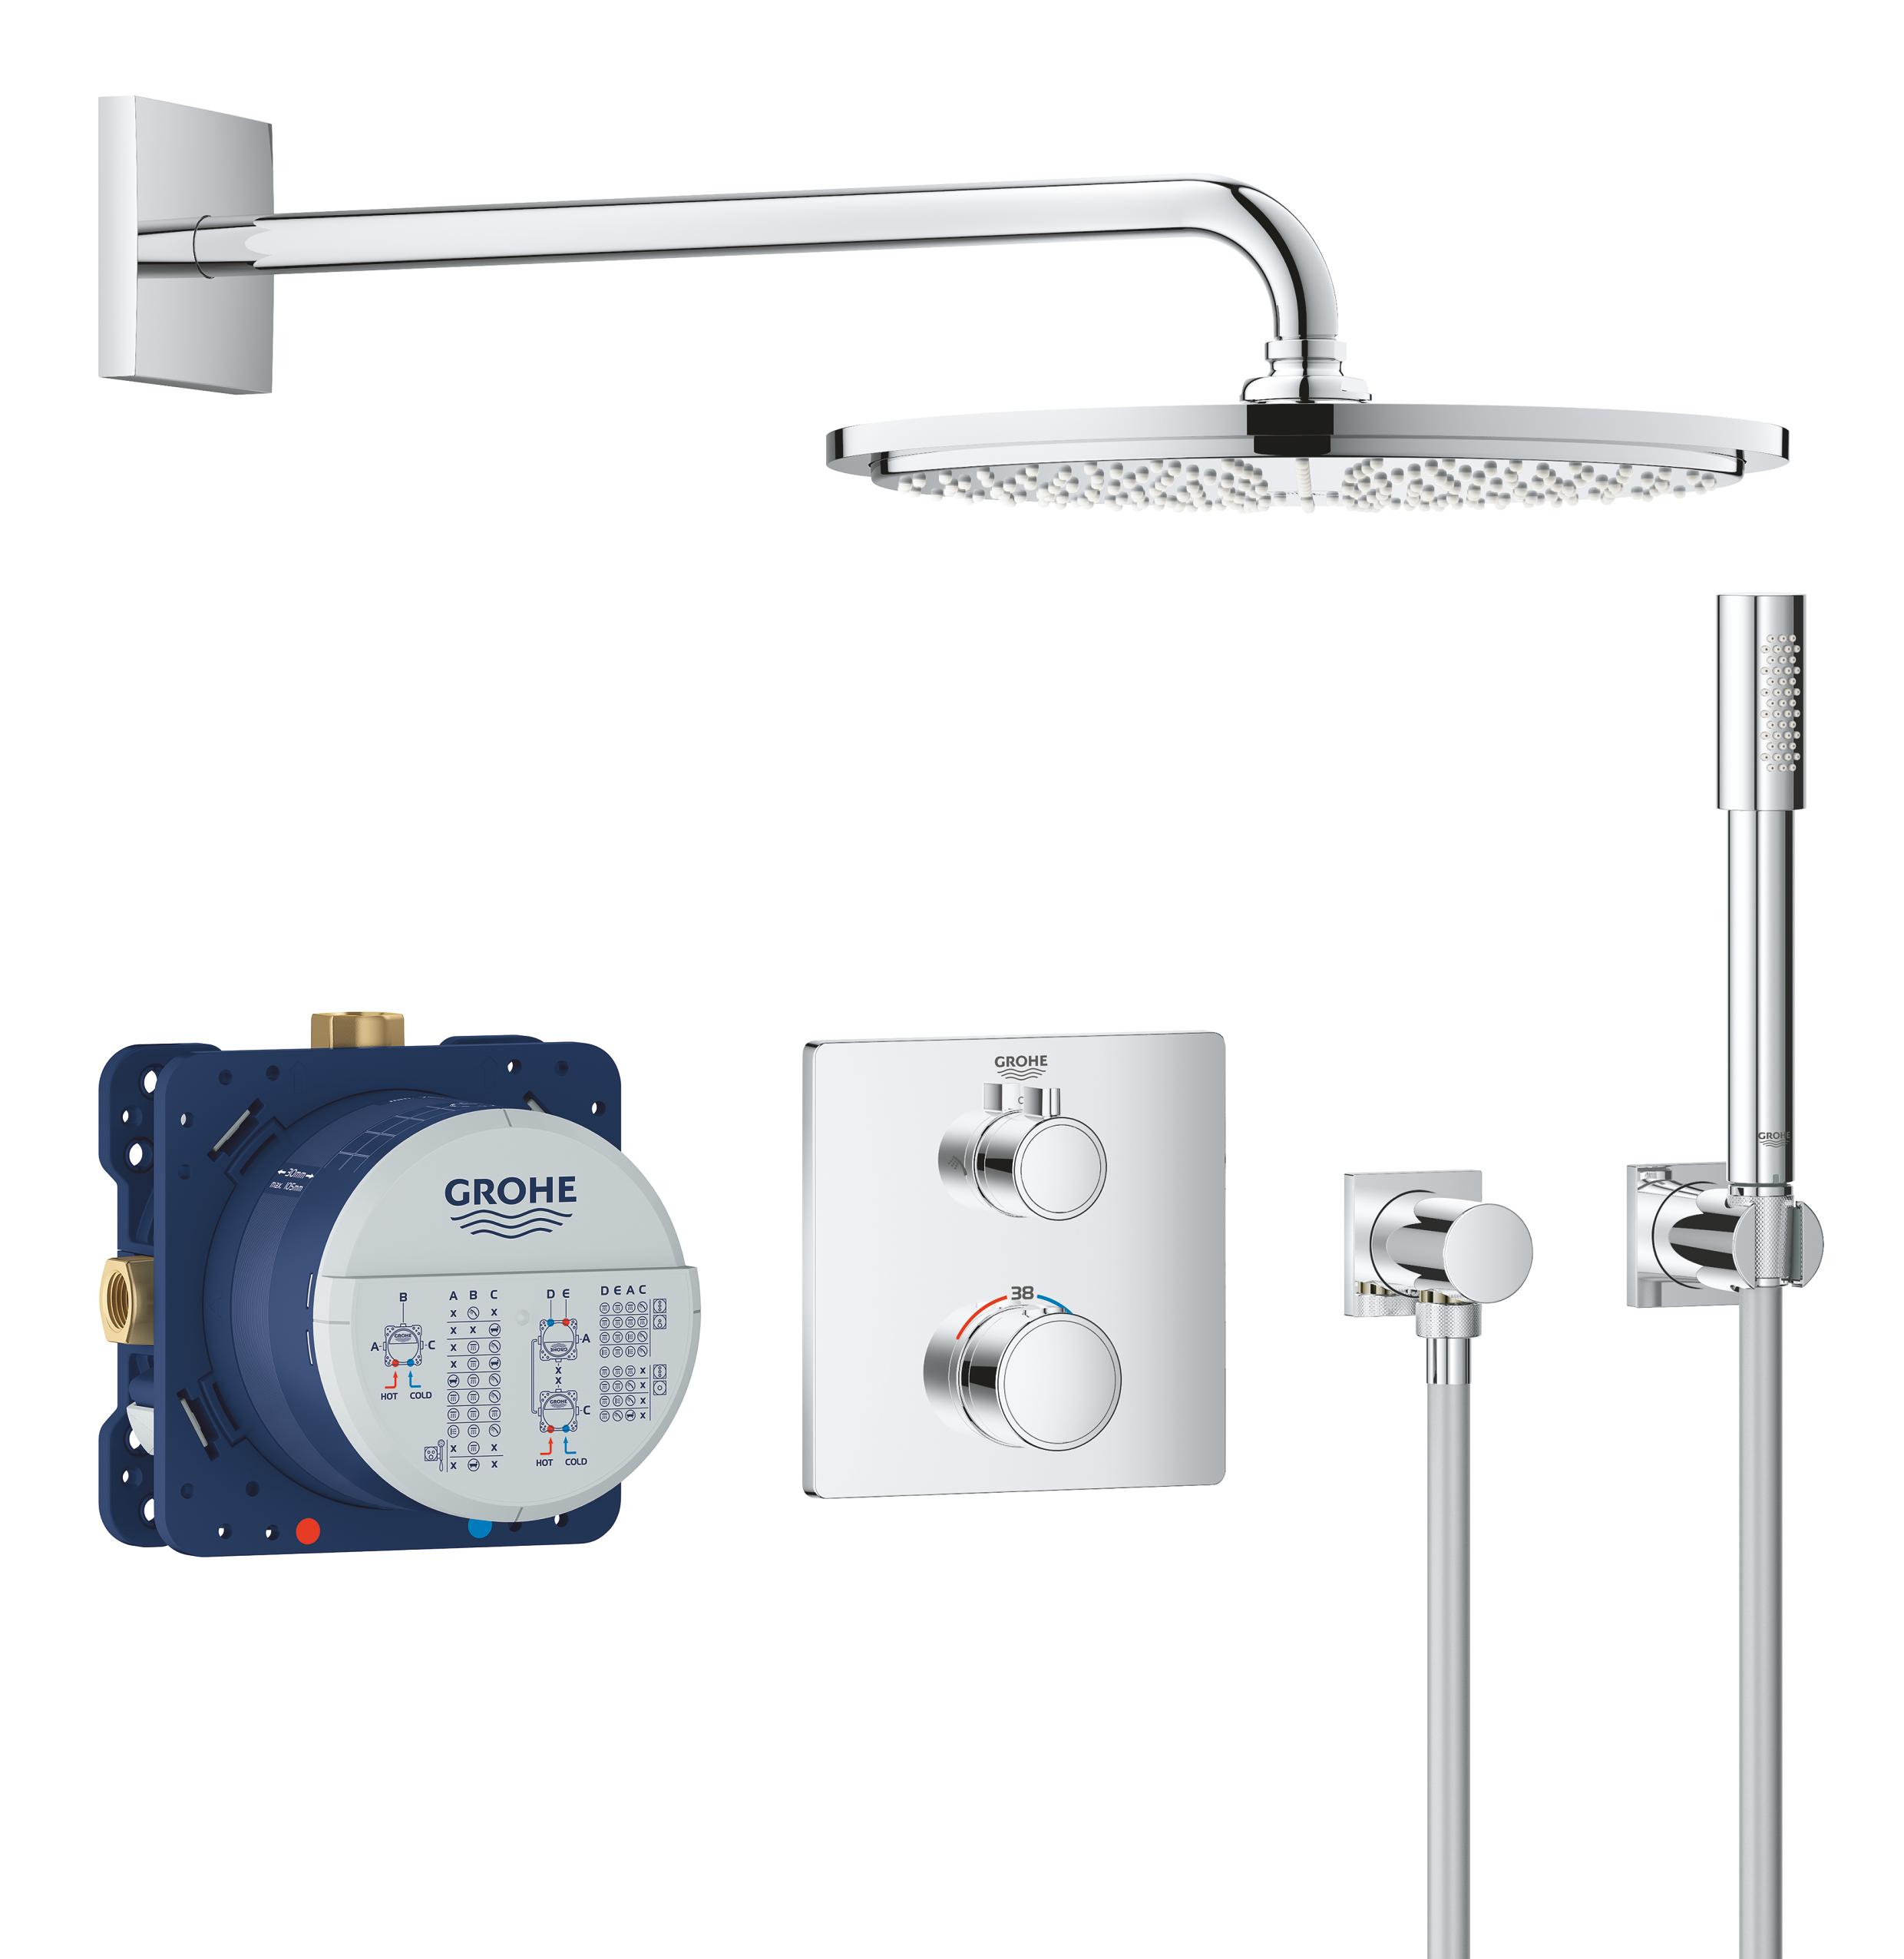 Набор для комплектации душа GROHE Grohtherm: встраиваемый термостат с переключателем верхний-ручной душ, квадратная розетка, верхний душ RSH Cosmo 310 с кронштейном, ручной душ Sena с подключением и шлангом, хром (34730000)